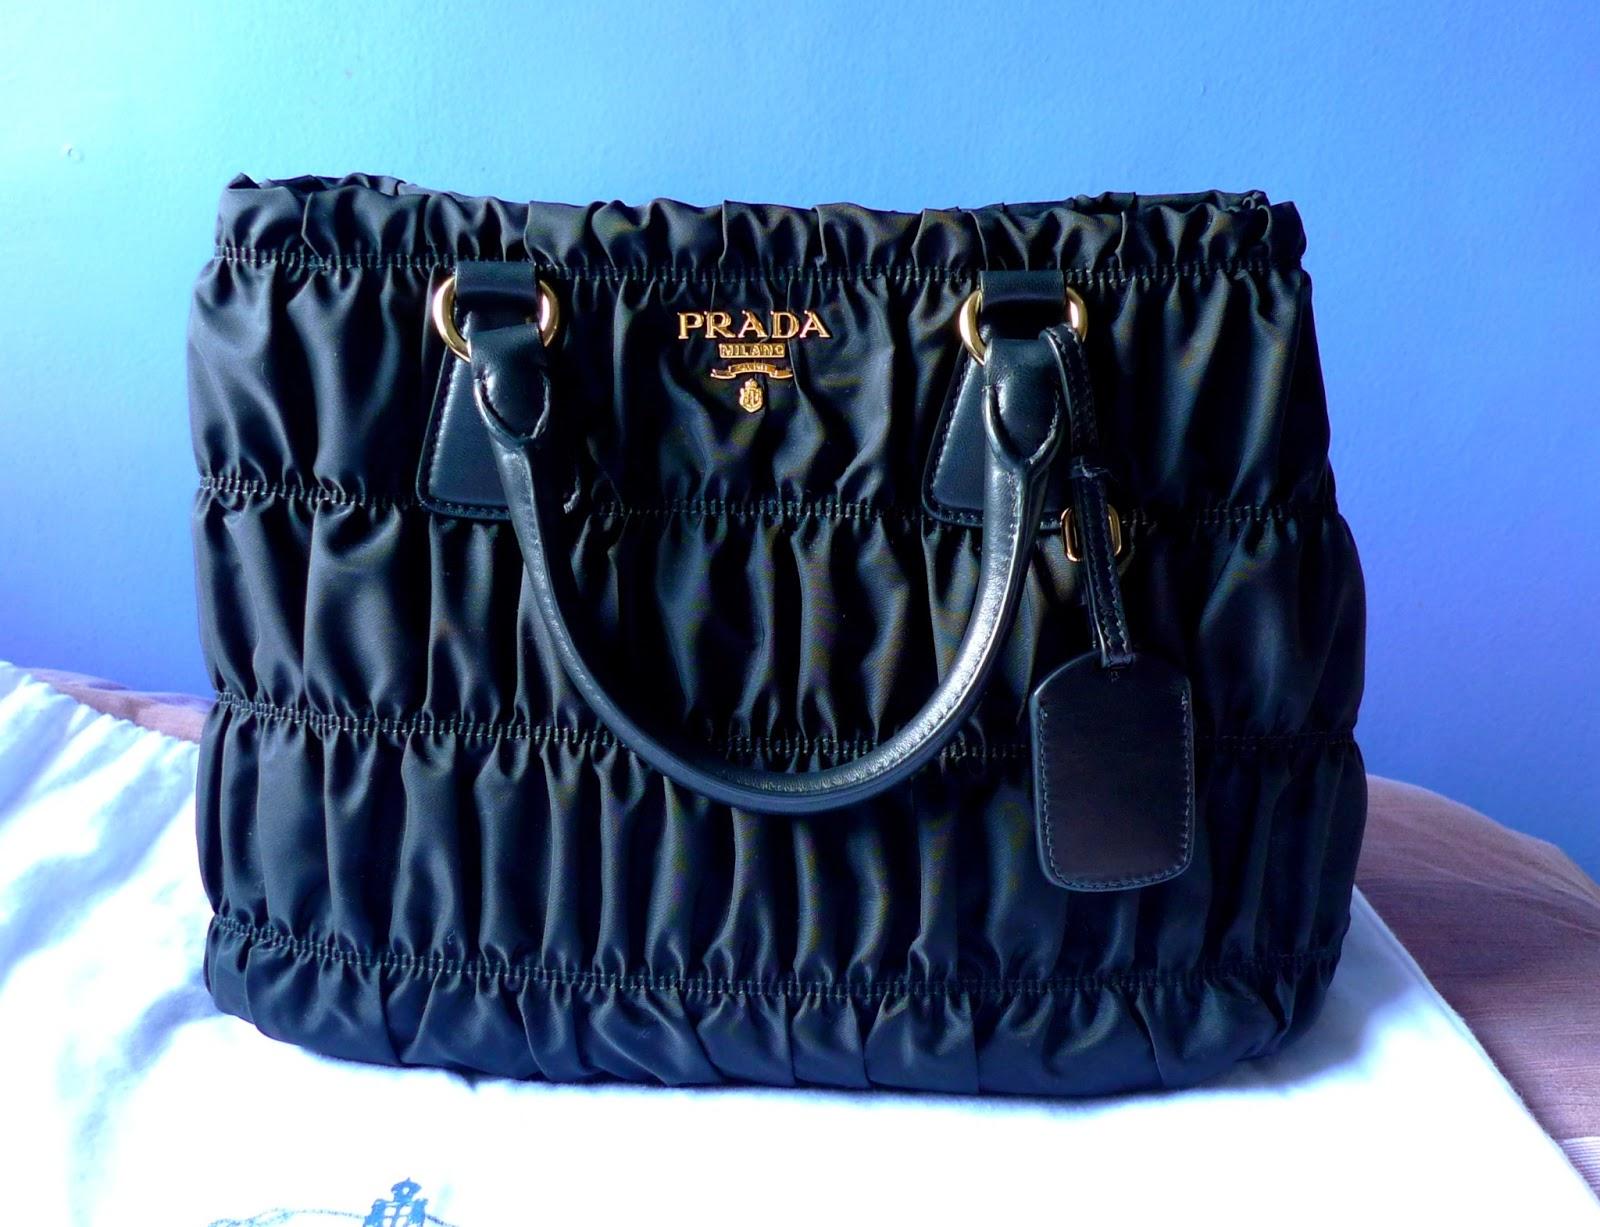 5b11fa2942 Bag Review  Prada Tessuto Gaufre  BN1789M+Authenticate Your Prada Gaufre   BN1789M!